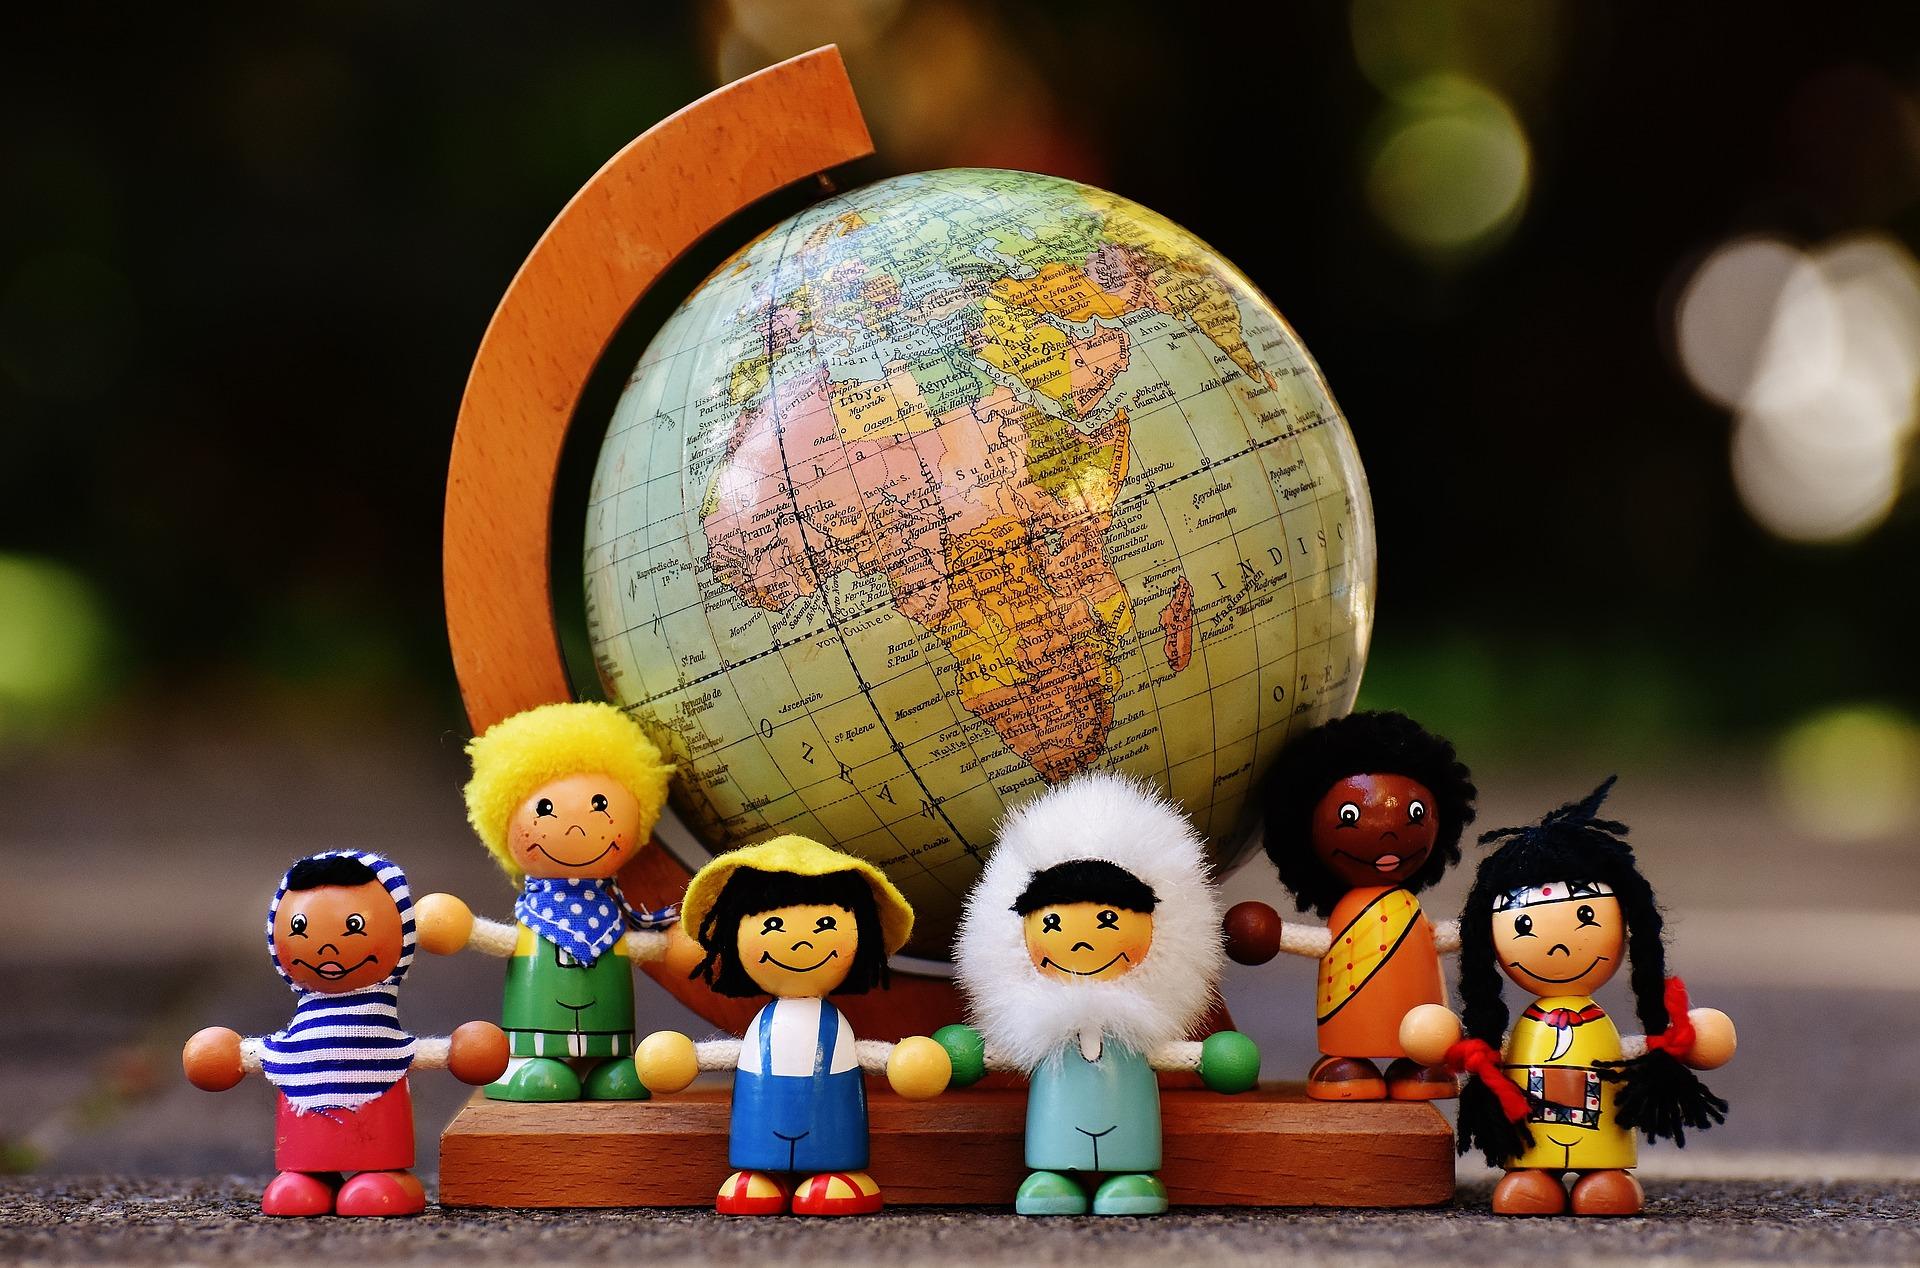 Глобус и фигурки представителей разных народов мира